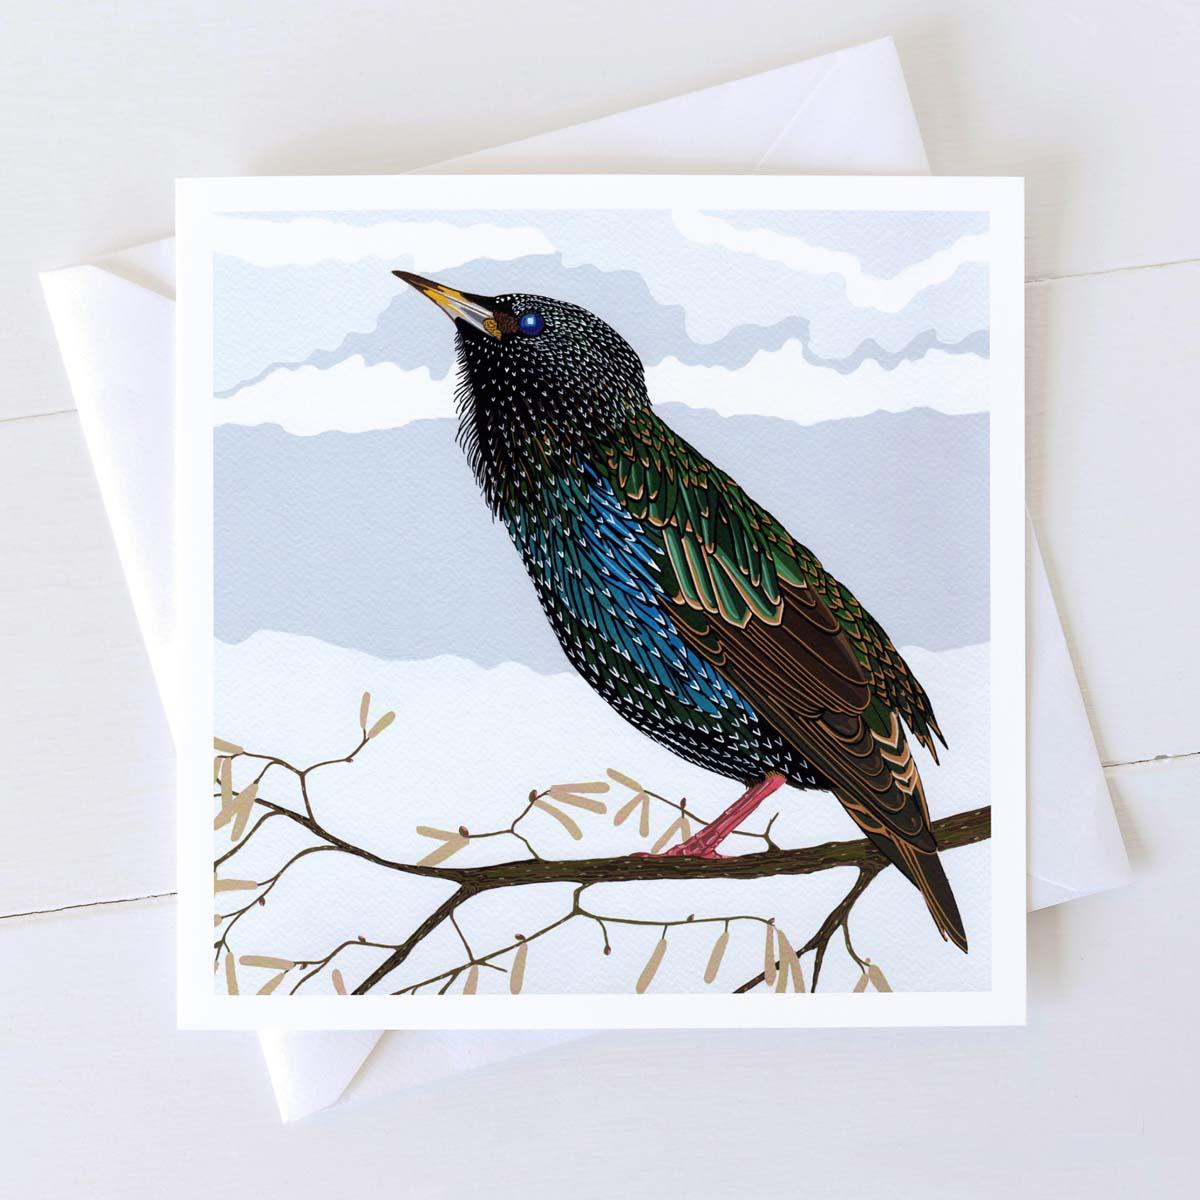 Starling Bird by Bird the Artist